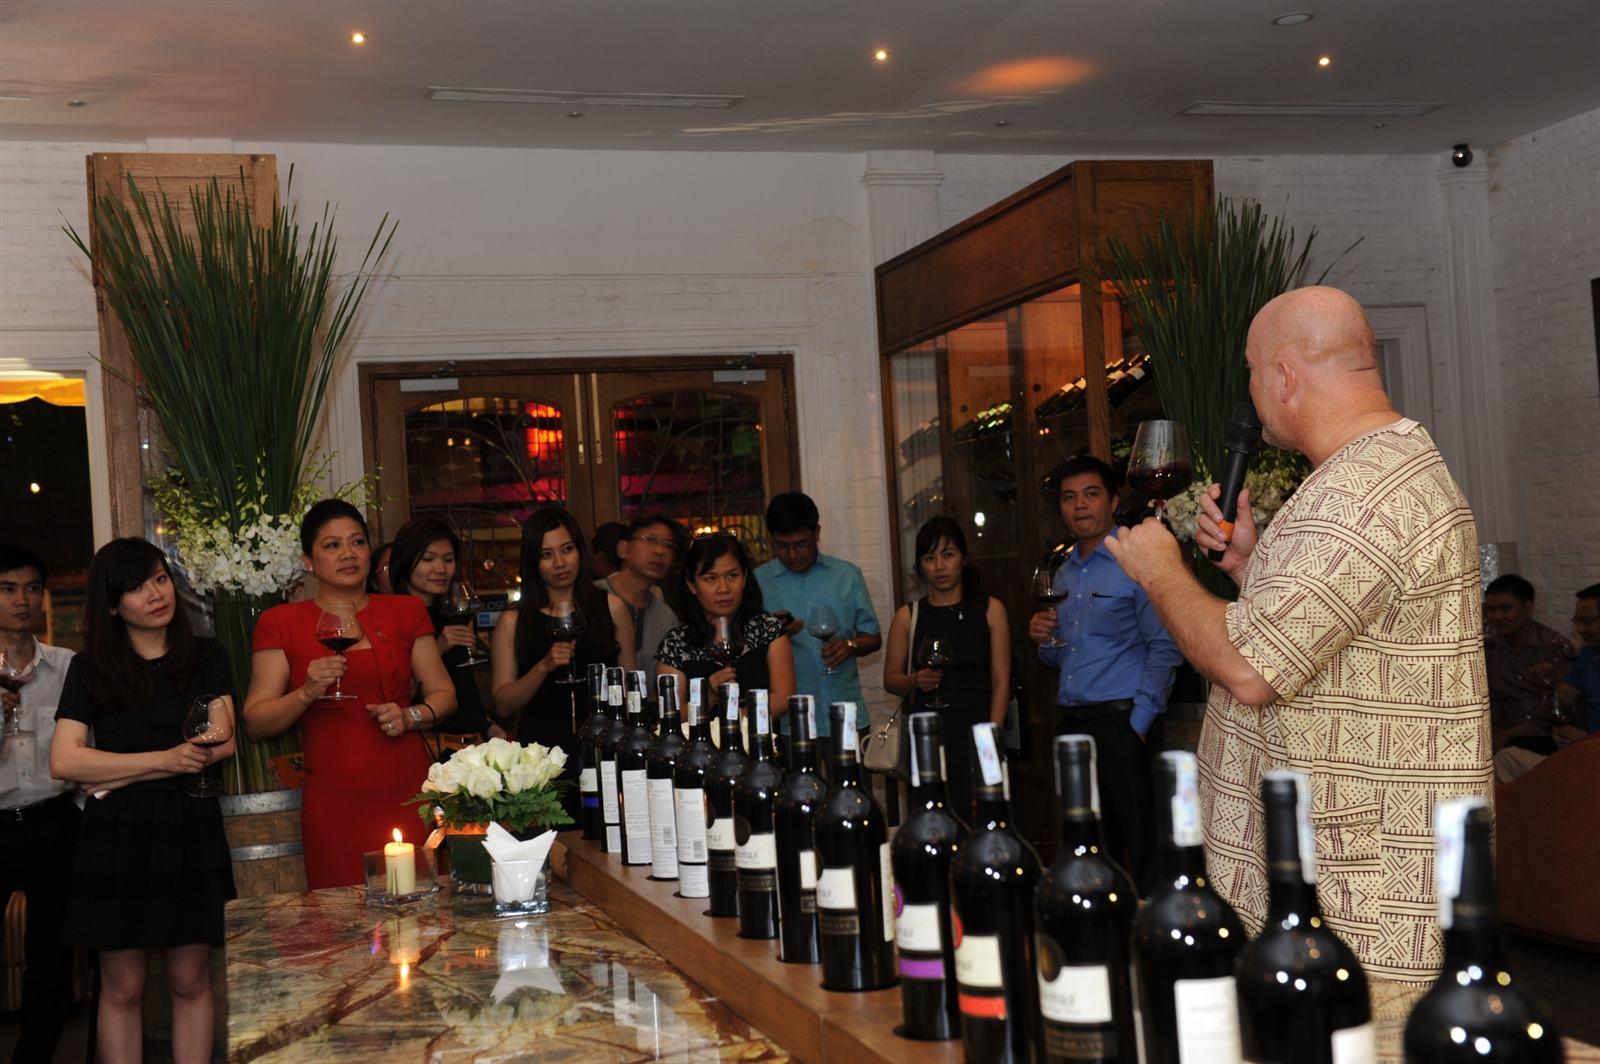 Tại buổi hội thảo, ông Martyn Mill ( biệt danh Martyn the Brave- Martyn dũng cảm), nhà sản xuất rượu vang tại Nam phi đã chia sẻ niềm vui về giải thưởng ý tưởng rượu vang vừa đoạt giải Thế giới tại cuộc thi SIAL Innovation 2013 lần thứ 9.